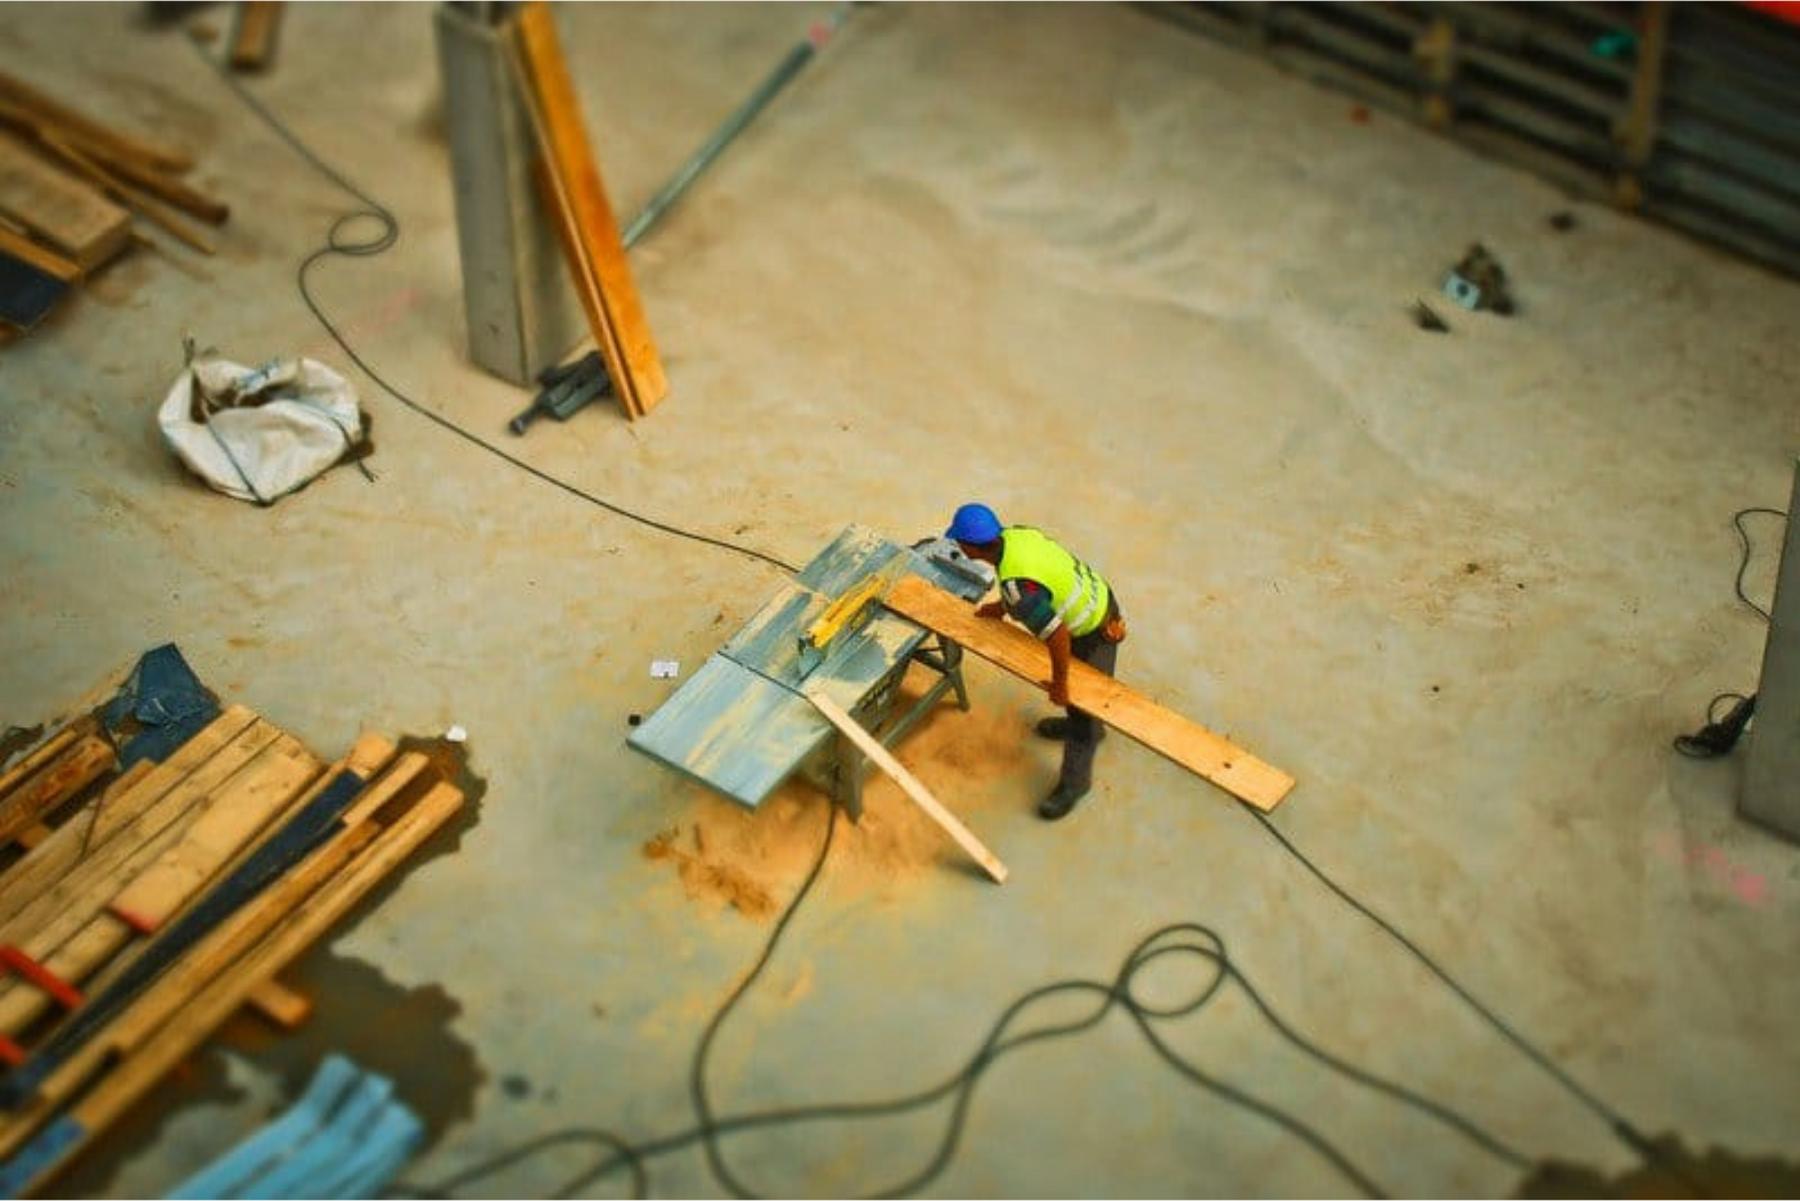 La canicule sur un chantier : que faire?